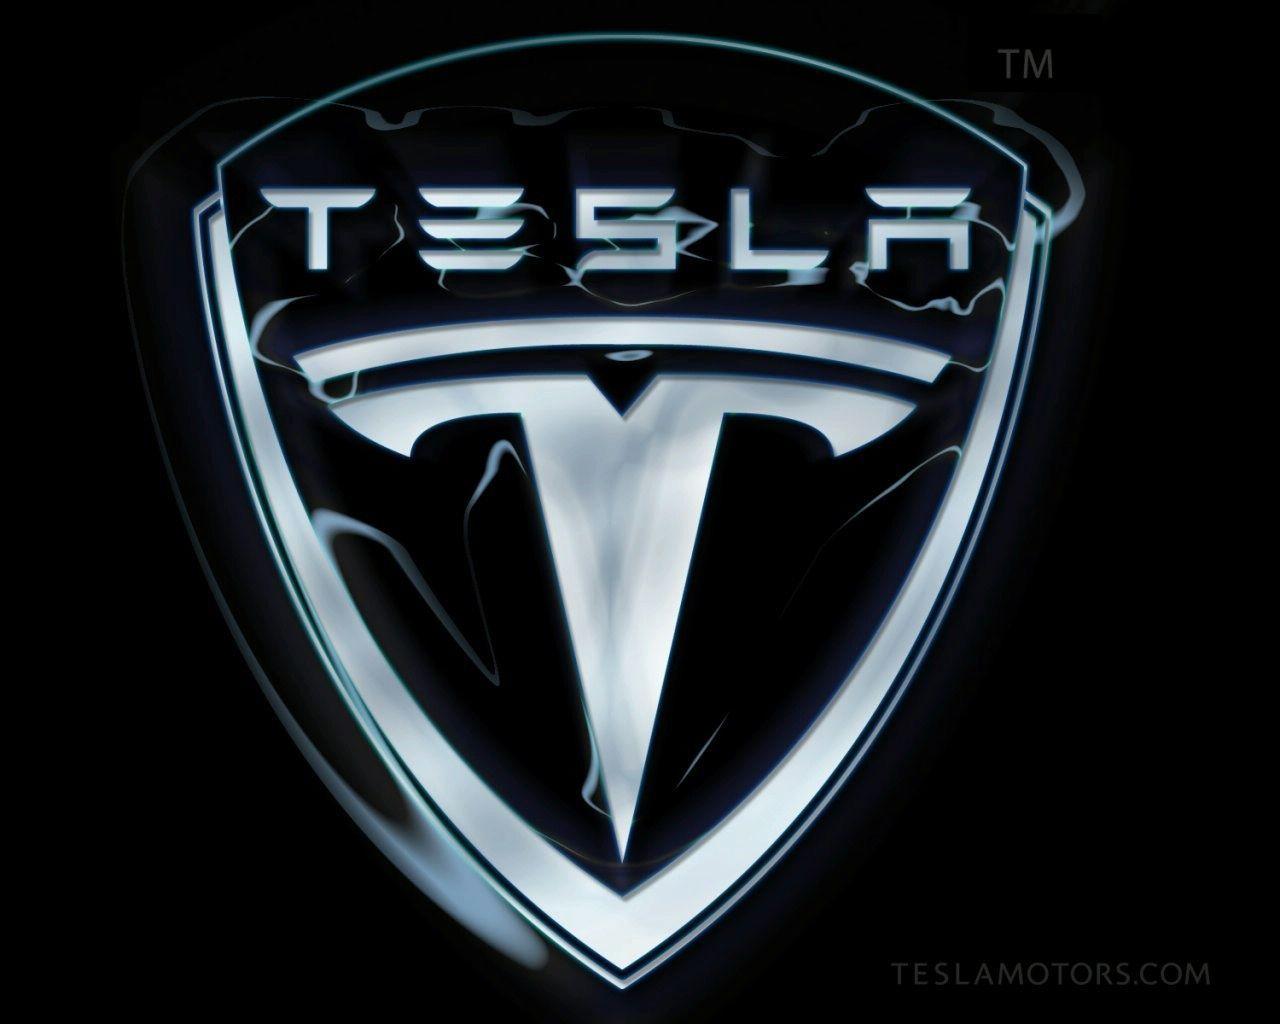 Pin By Marianne Lannen On Tesla Motors Electric Cars Tesla Motors Tesla Logo Tesla